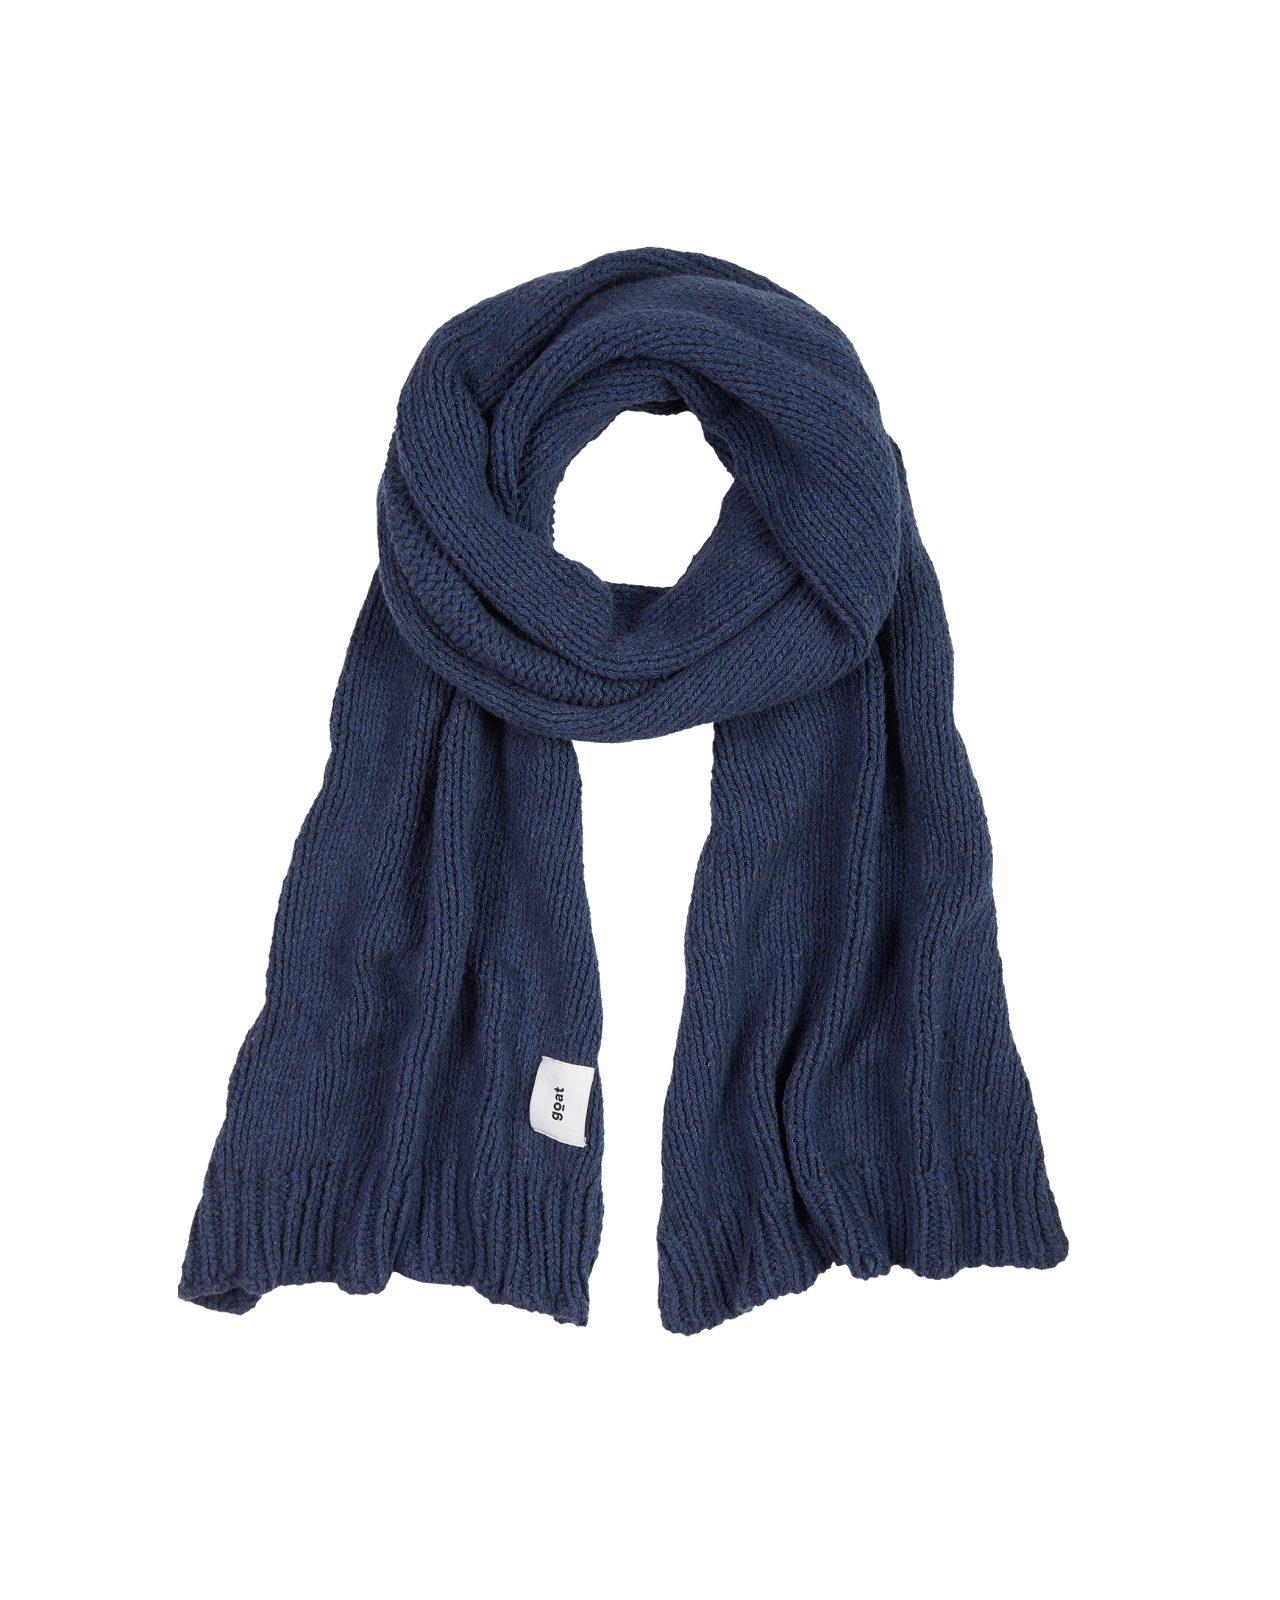 finn-recycled-denim-scarf-dark-blue-2-goat-organic-apparel